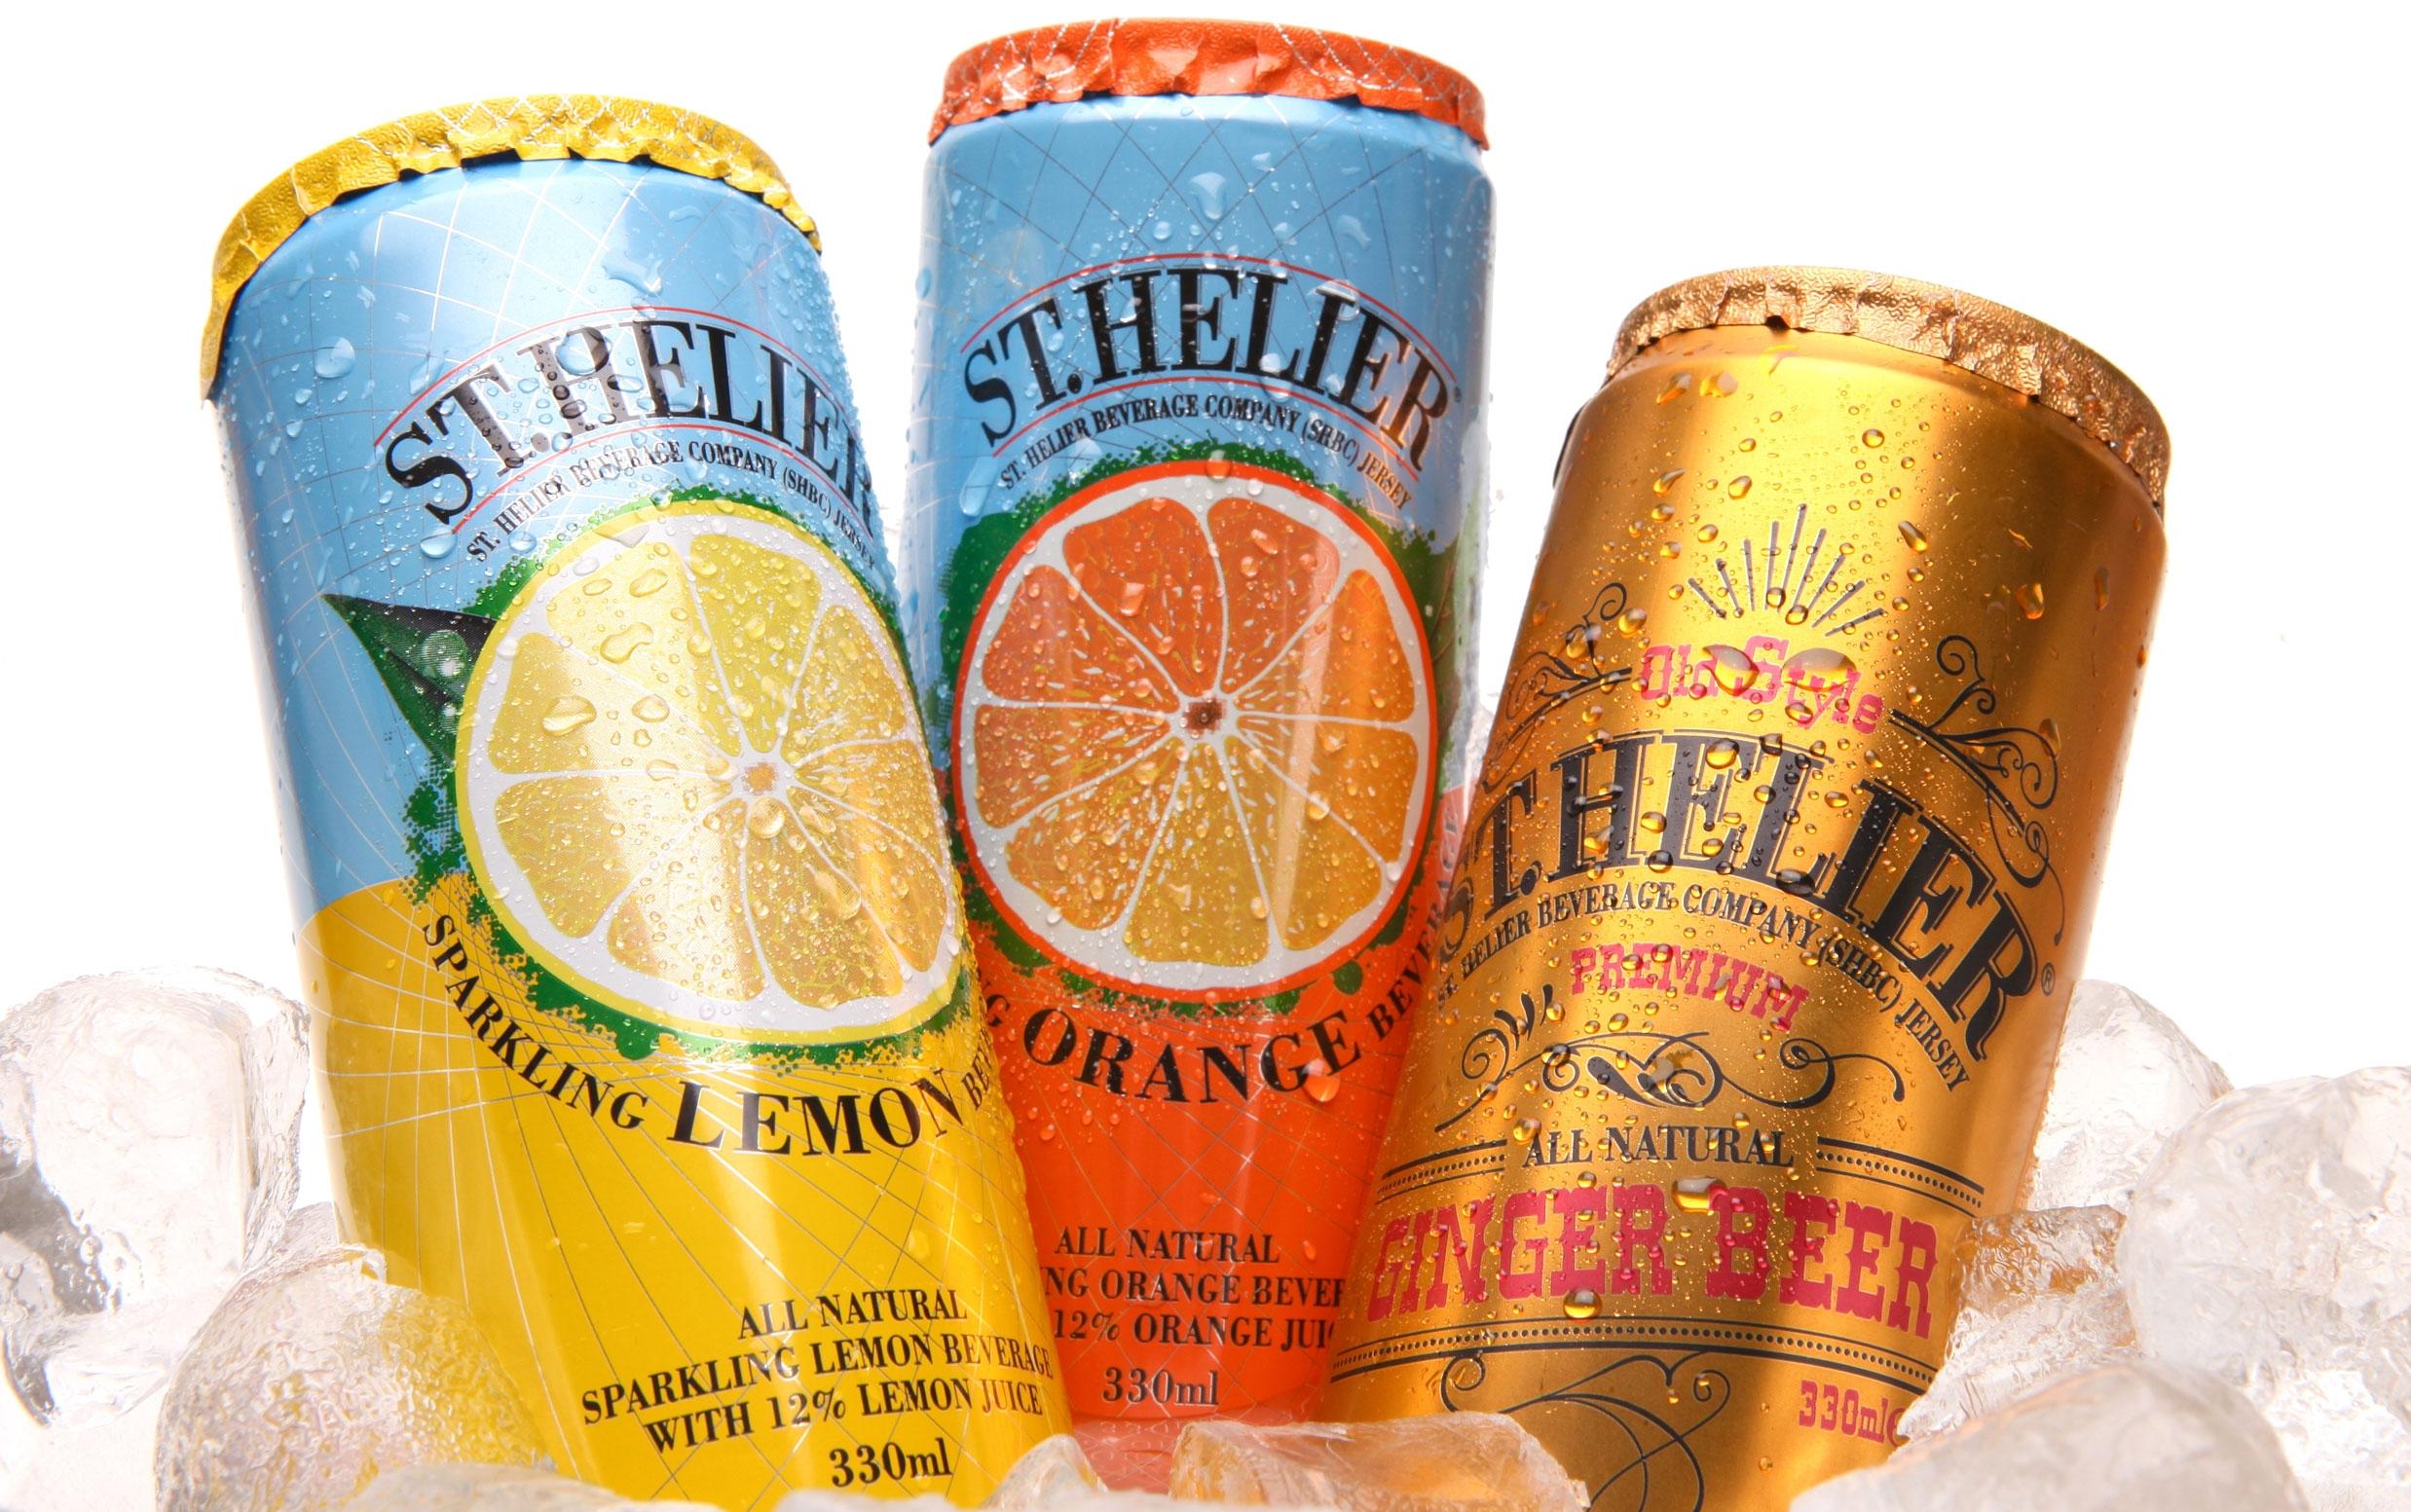 sthelier-orange-lemon-ginger-3.jpg